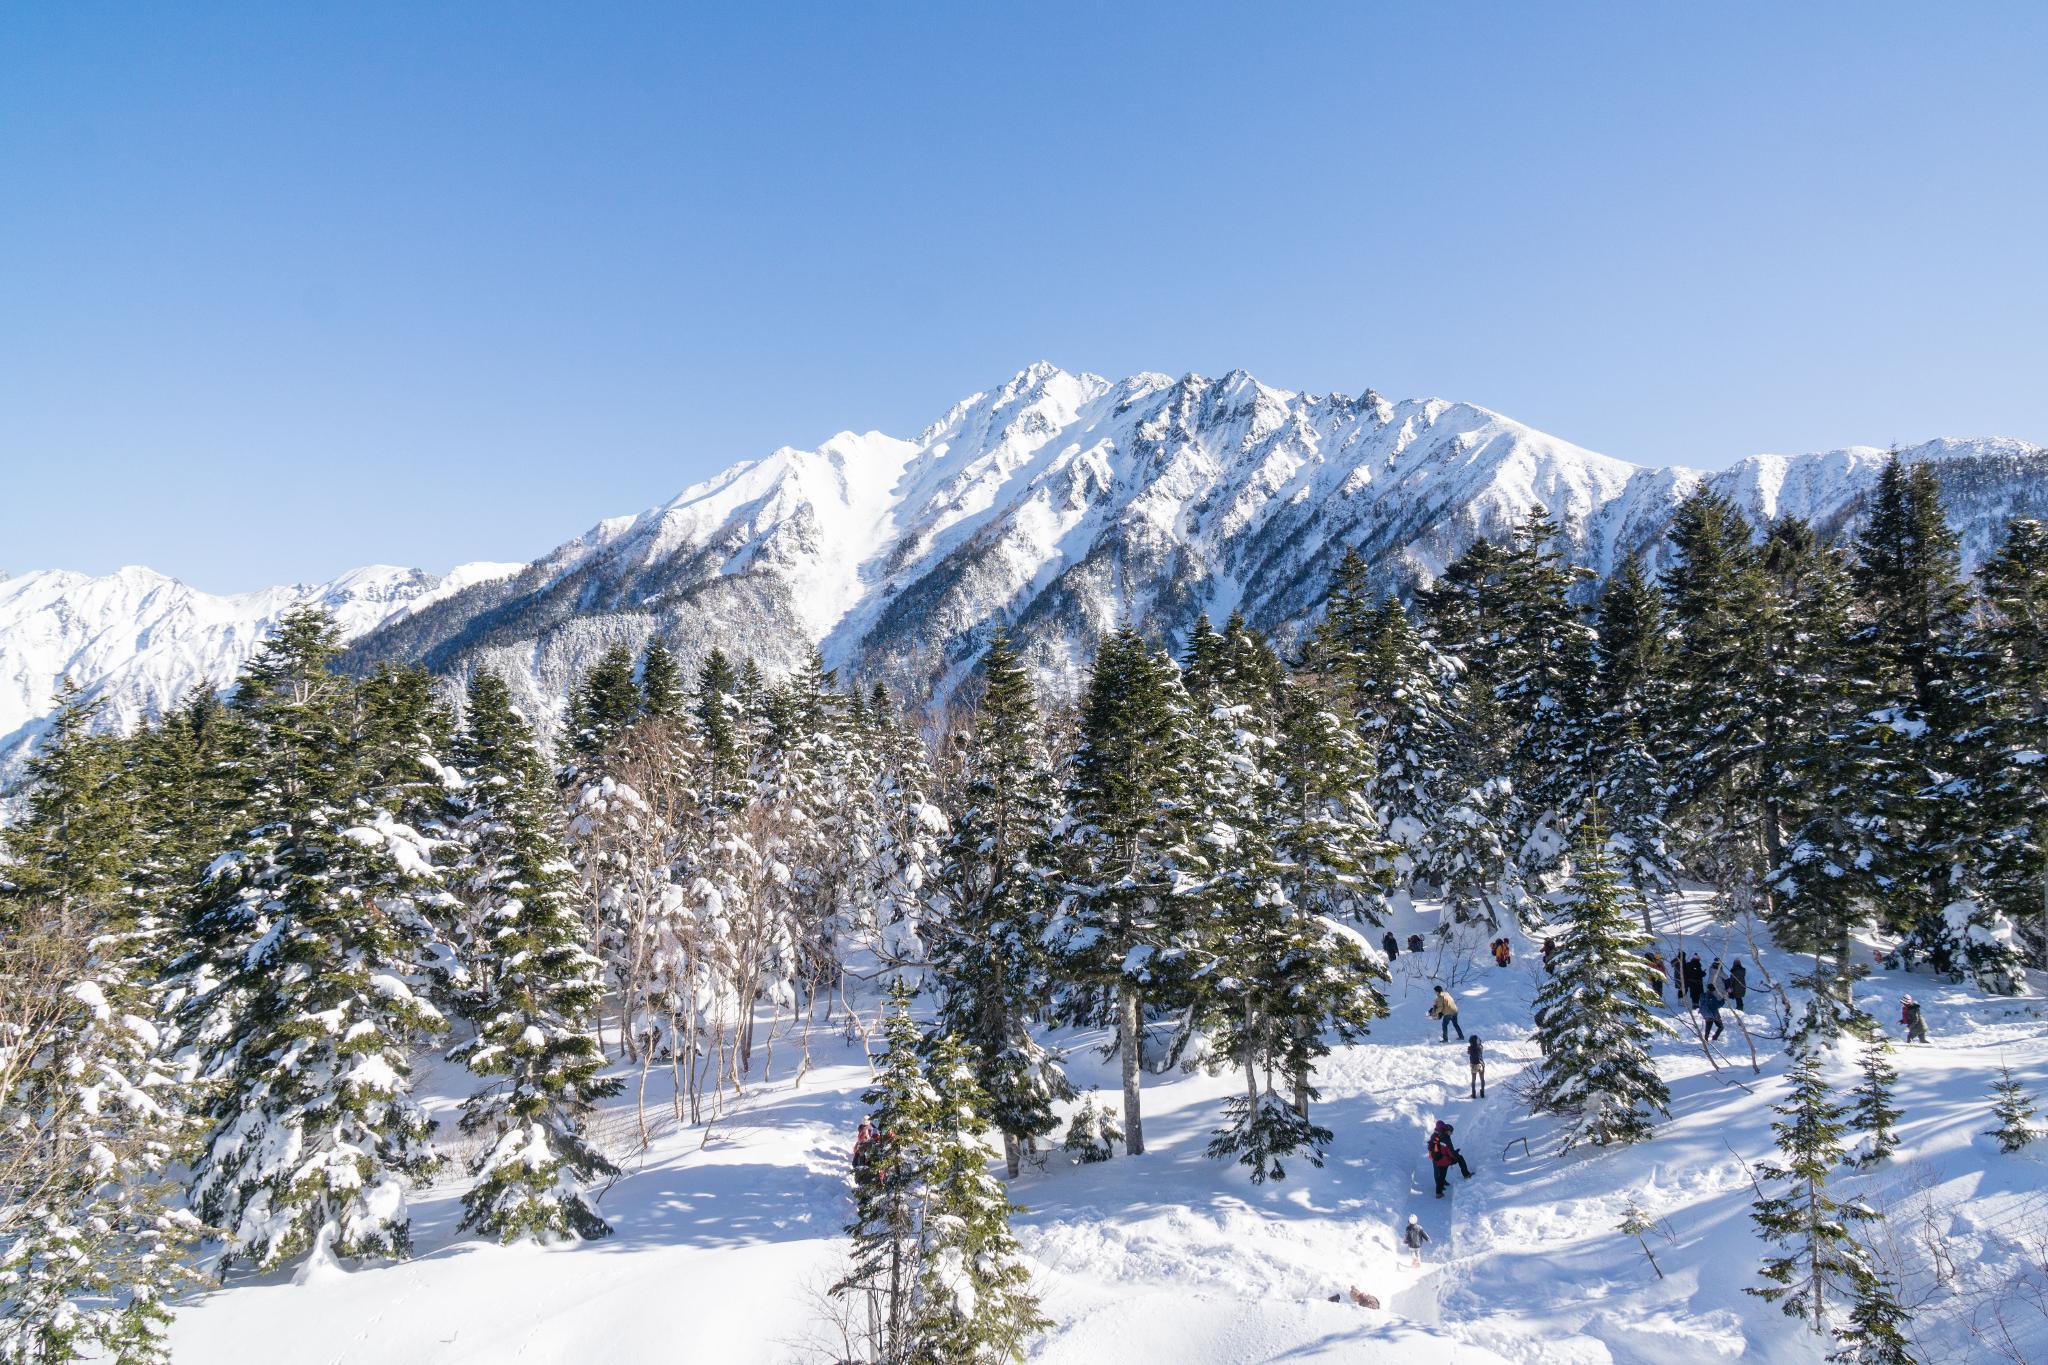 【岐阜】超級推薦!奧飛驒溫泉鄉的冬季戀歌 ~ 新穗高纜車雪景攻略 103